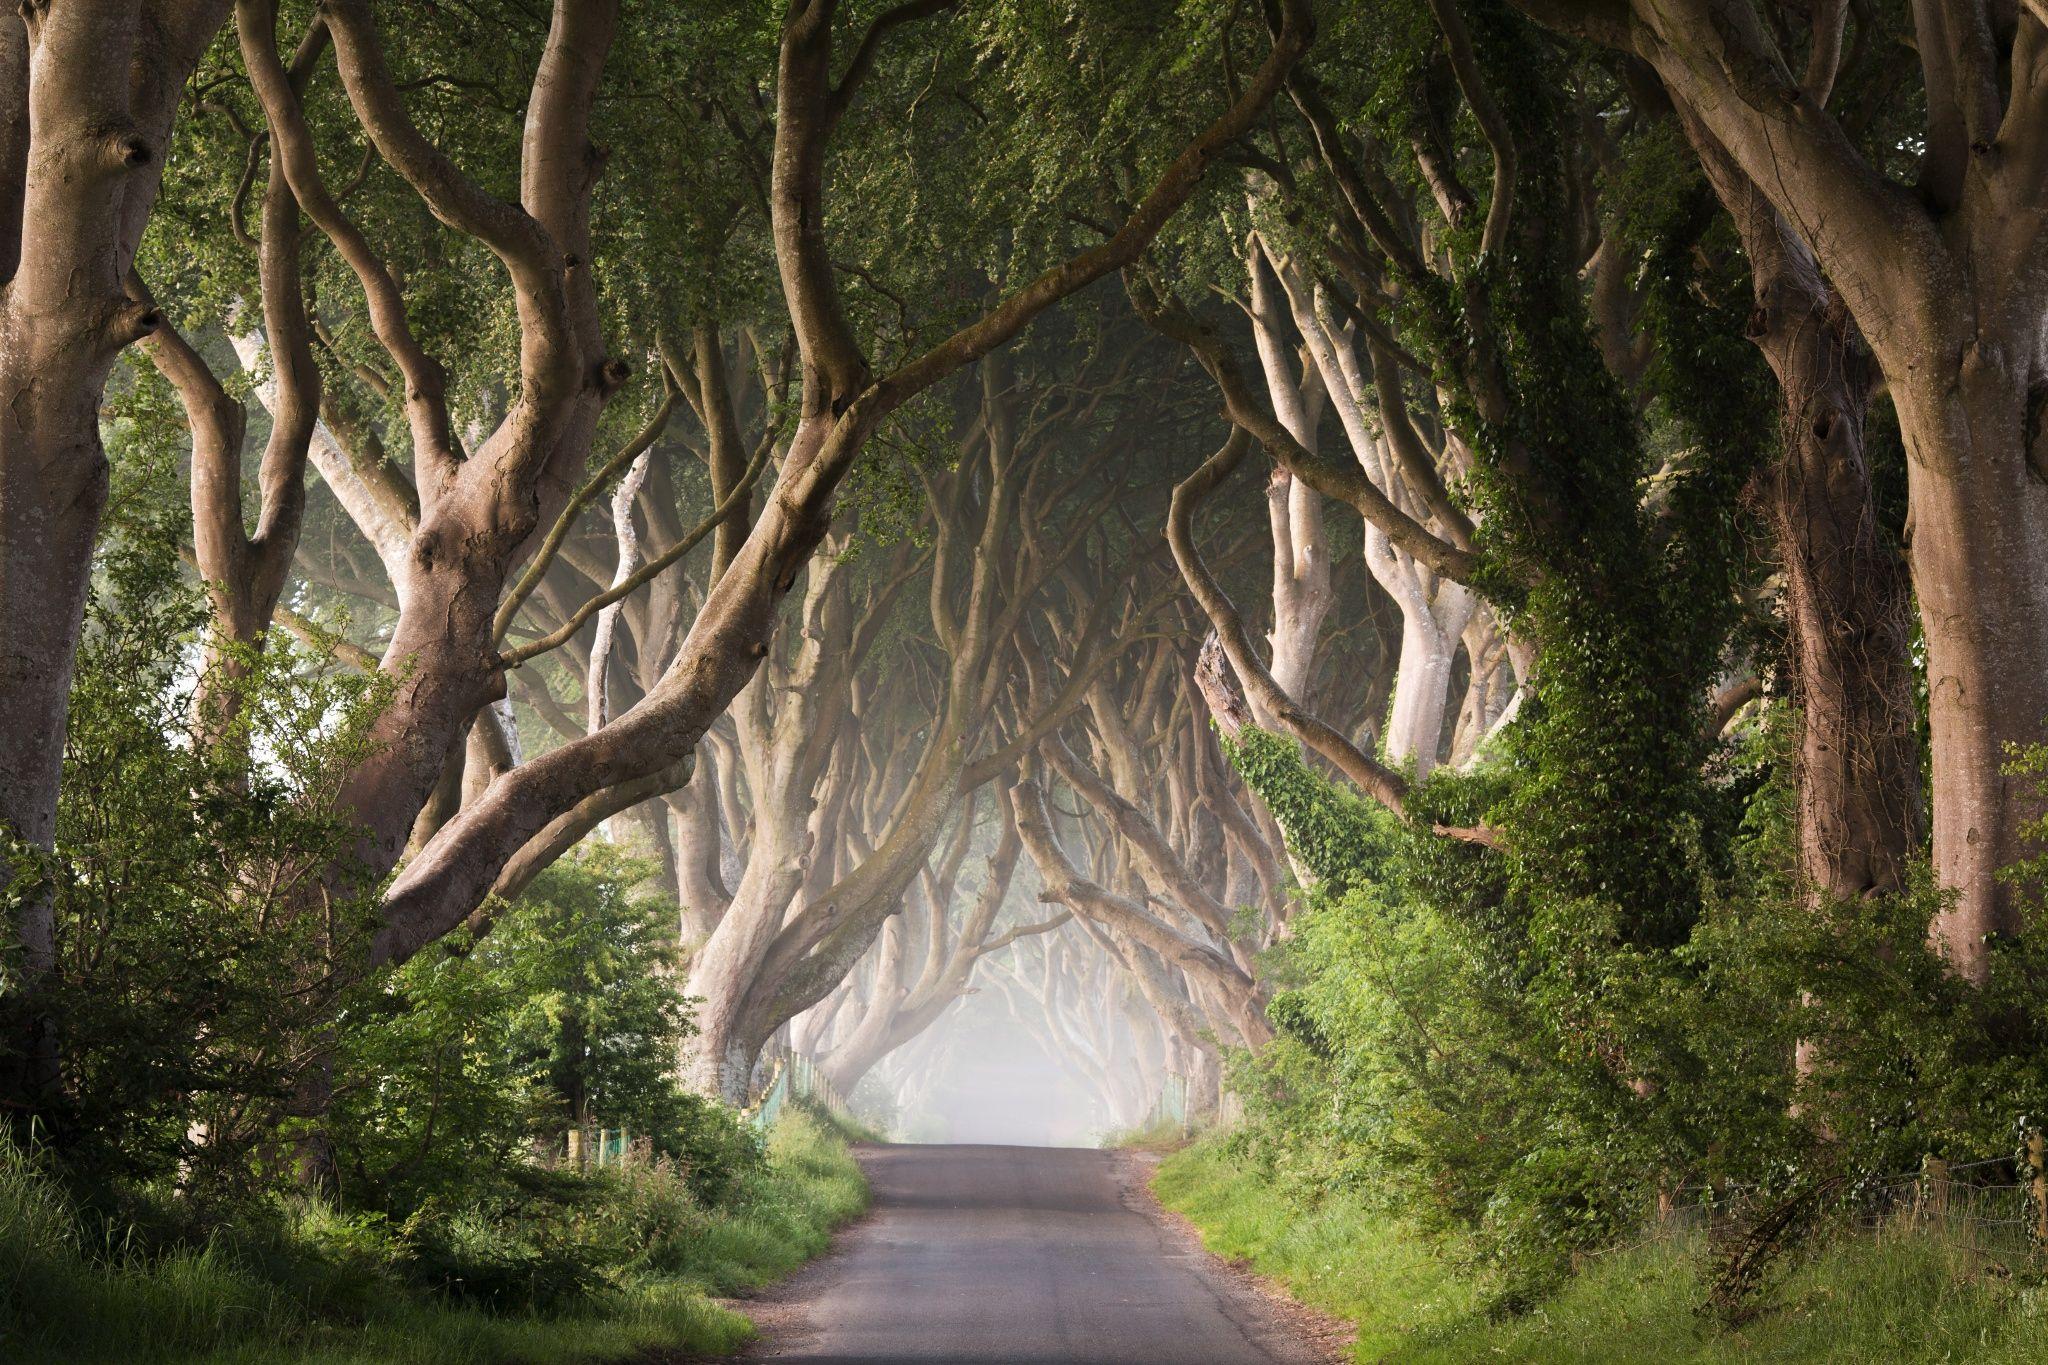 The Dark Hedges Northern Ireland Me Ireland landscape 2048x1365